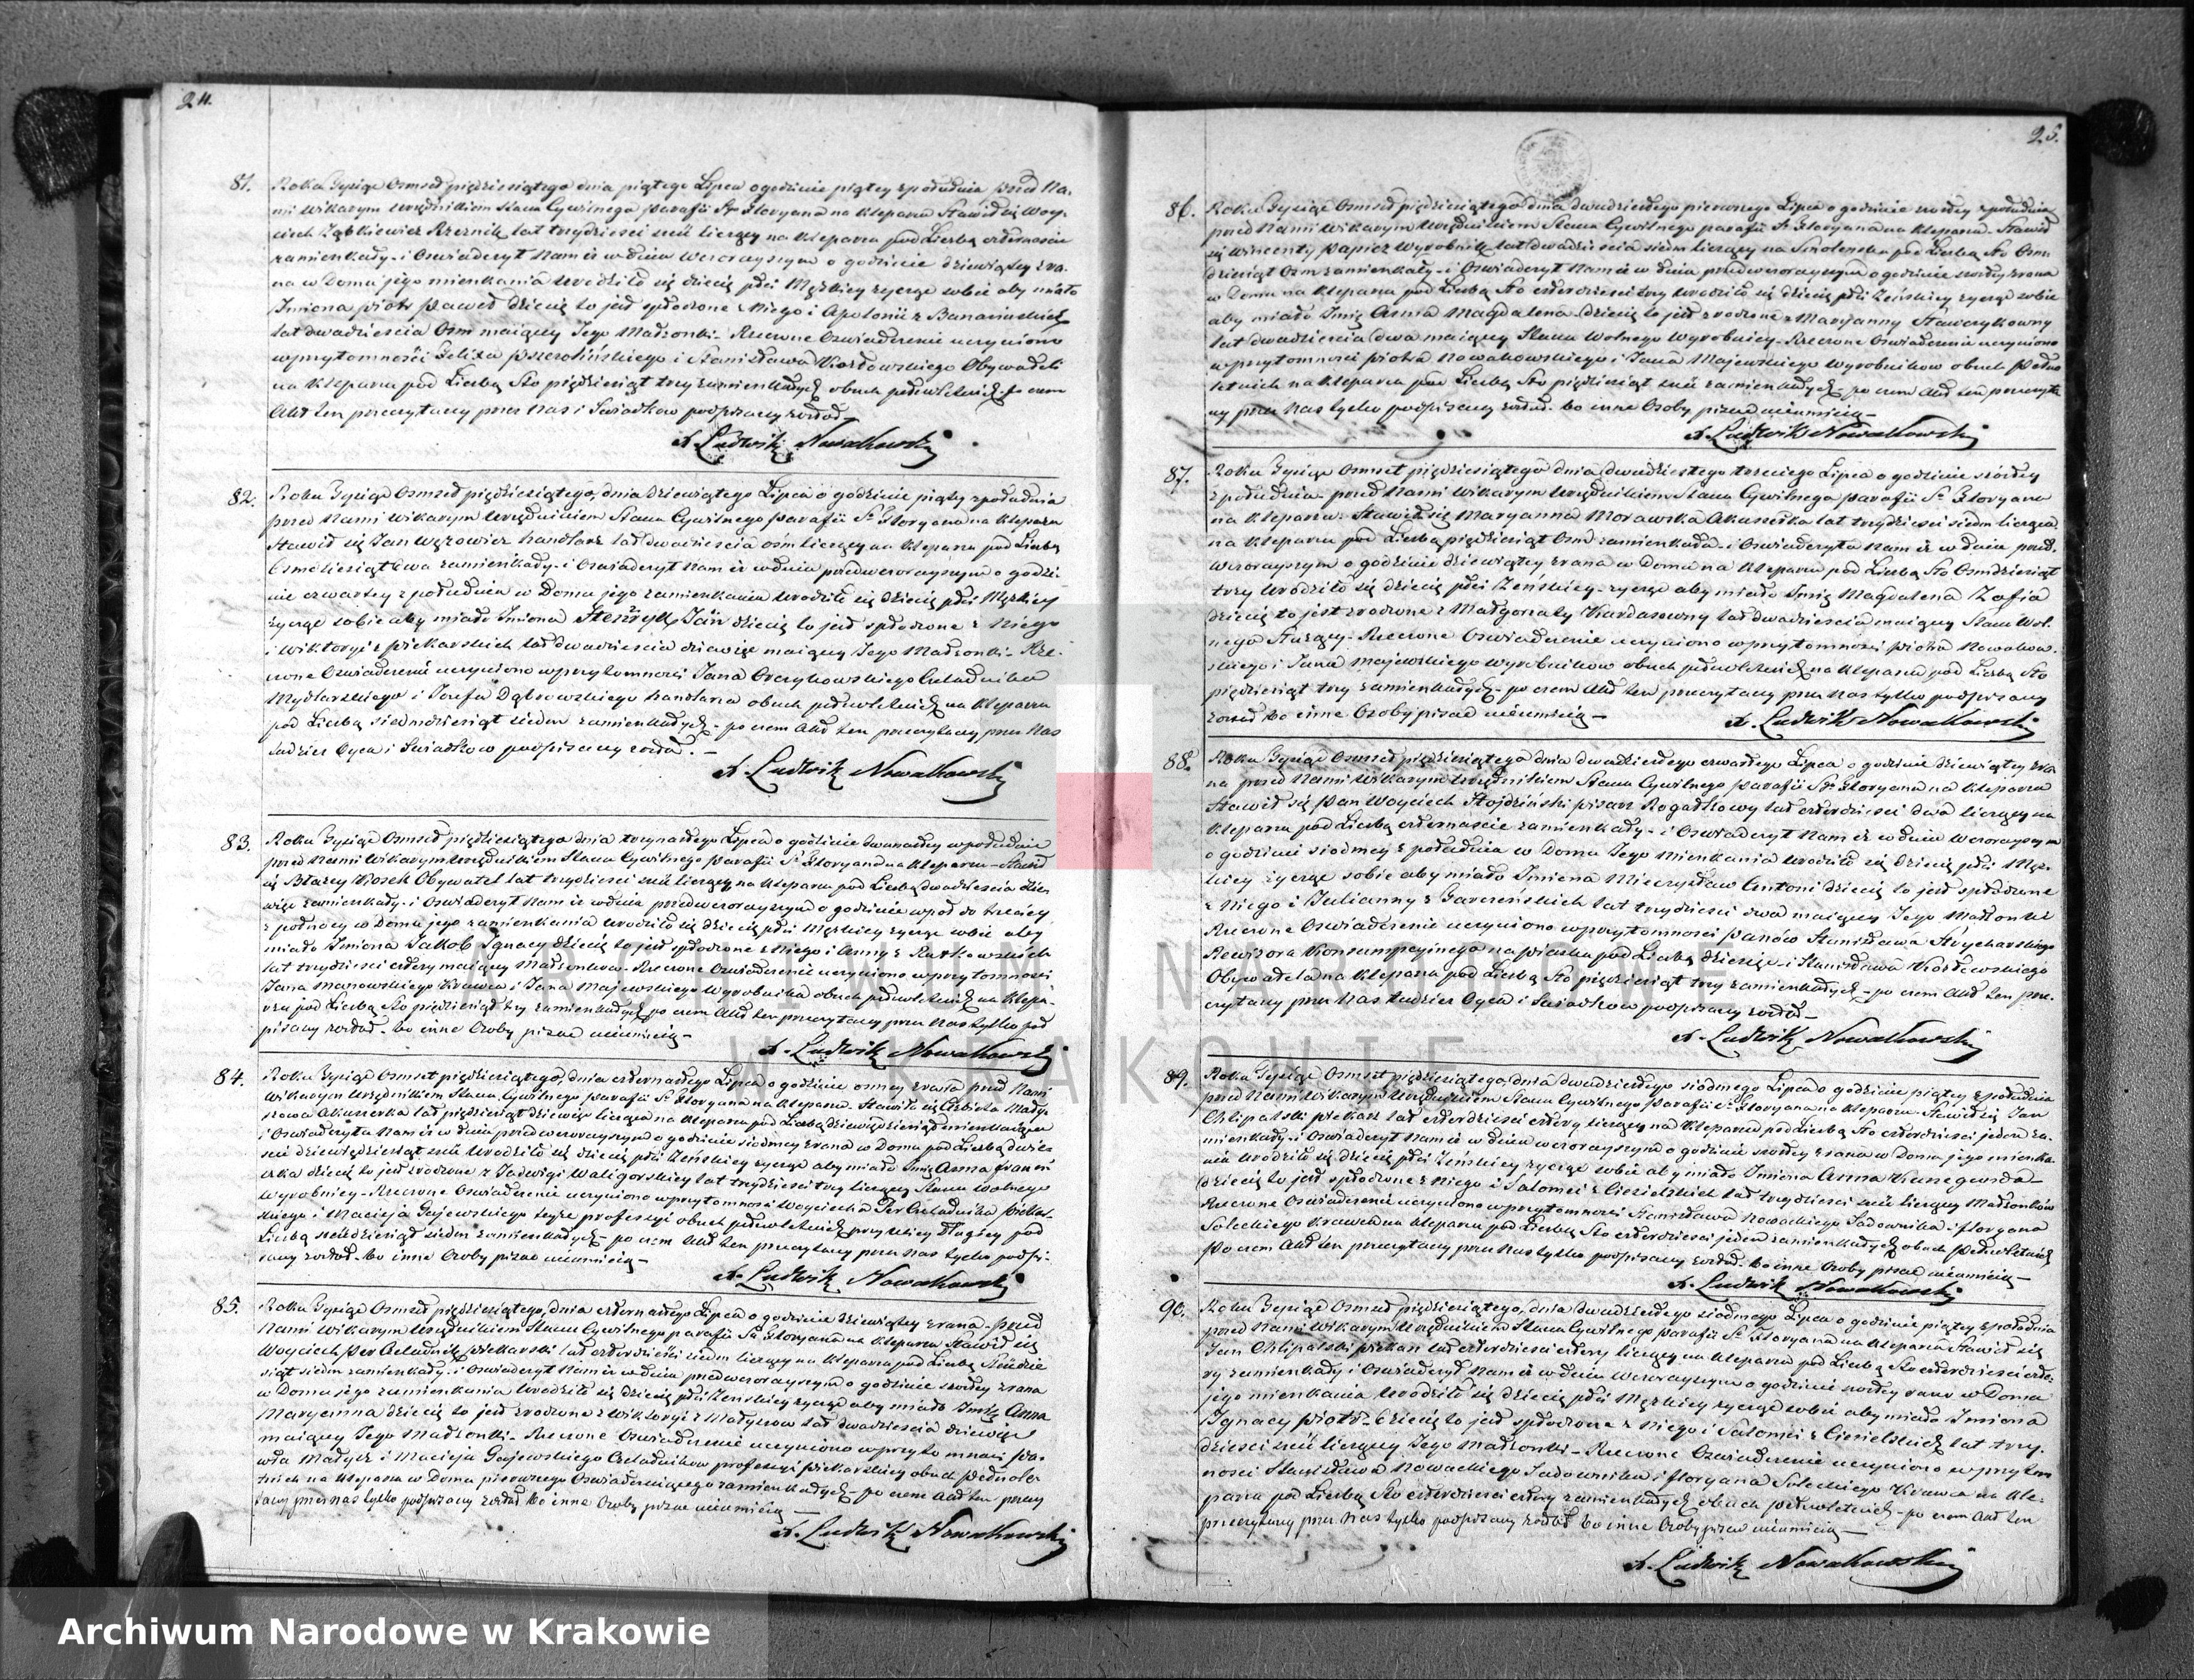 Skan z jednostki: Księga Aktów Urodzenia Uznania i Przysposobienia dla Parafii Sgo Floryana na Kleparzu na rok 1850